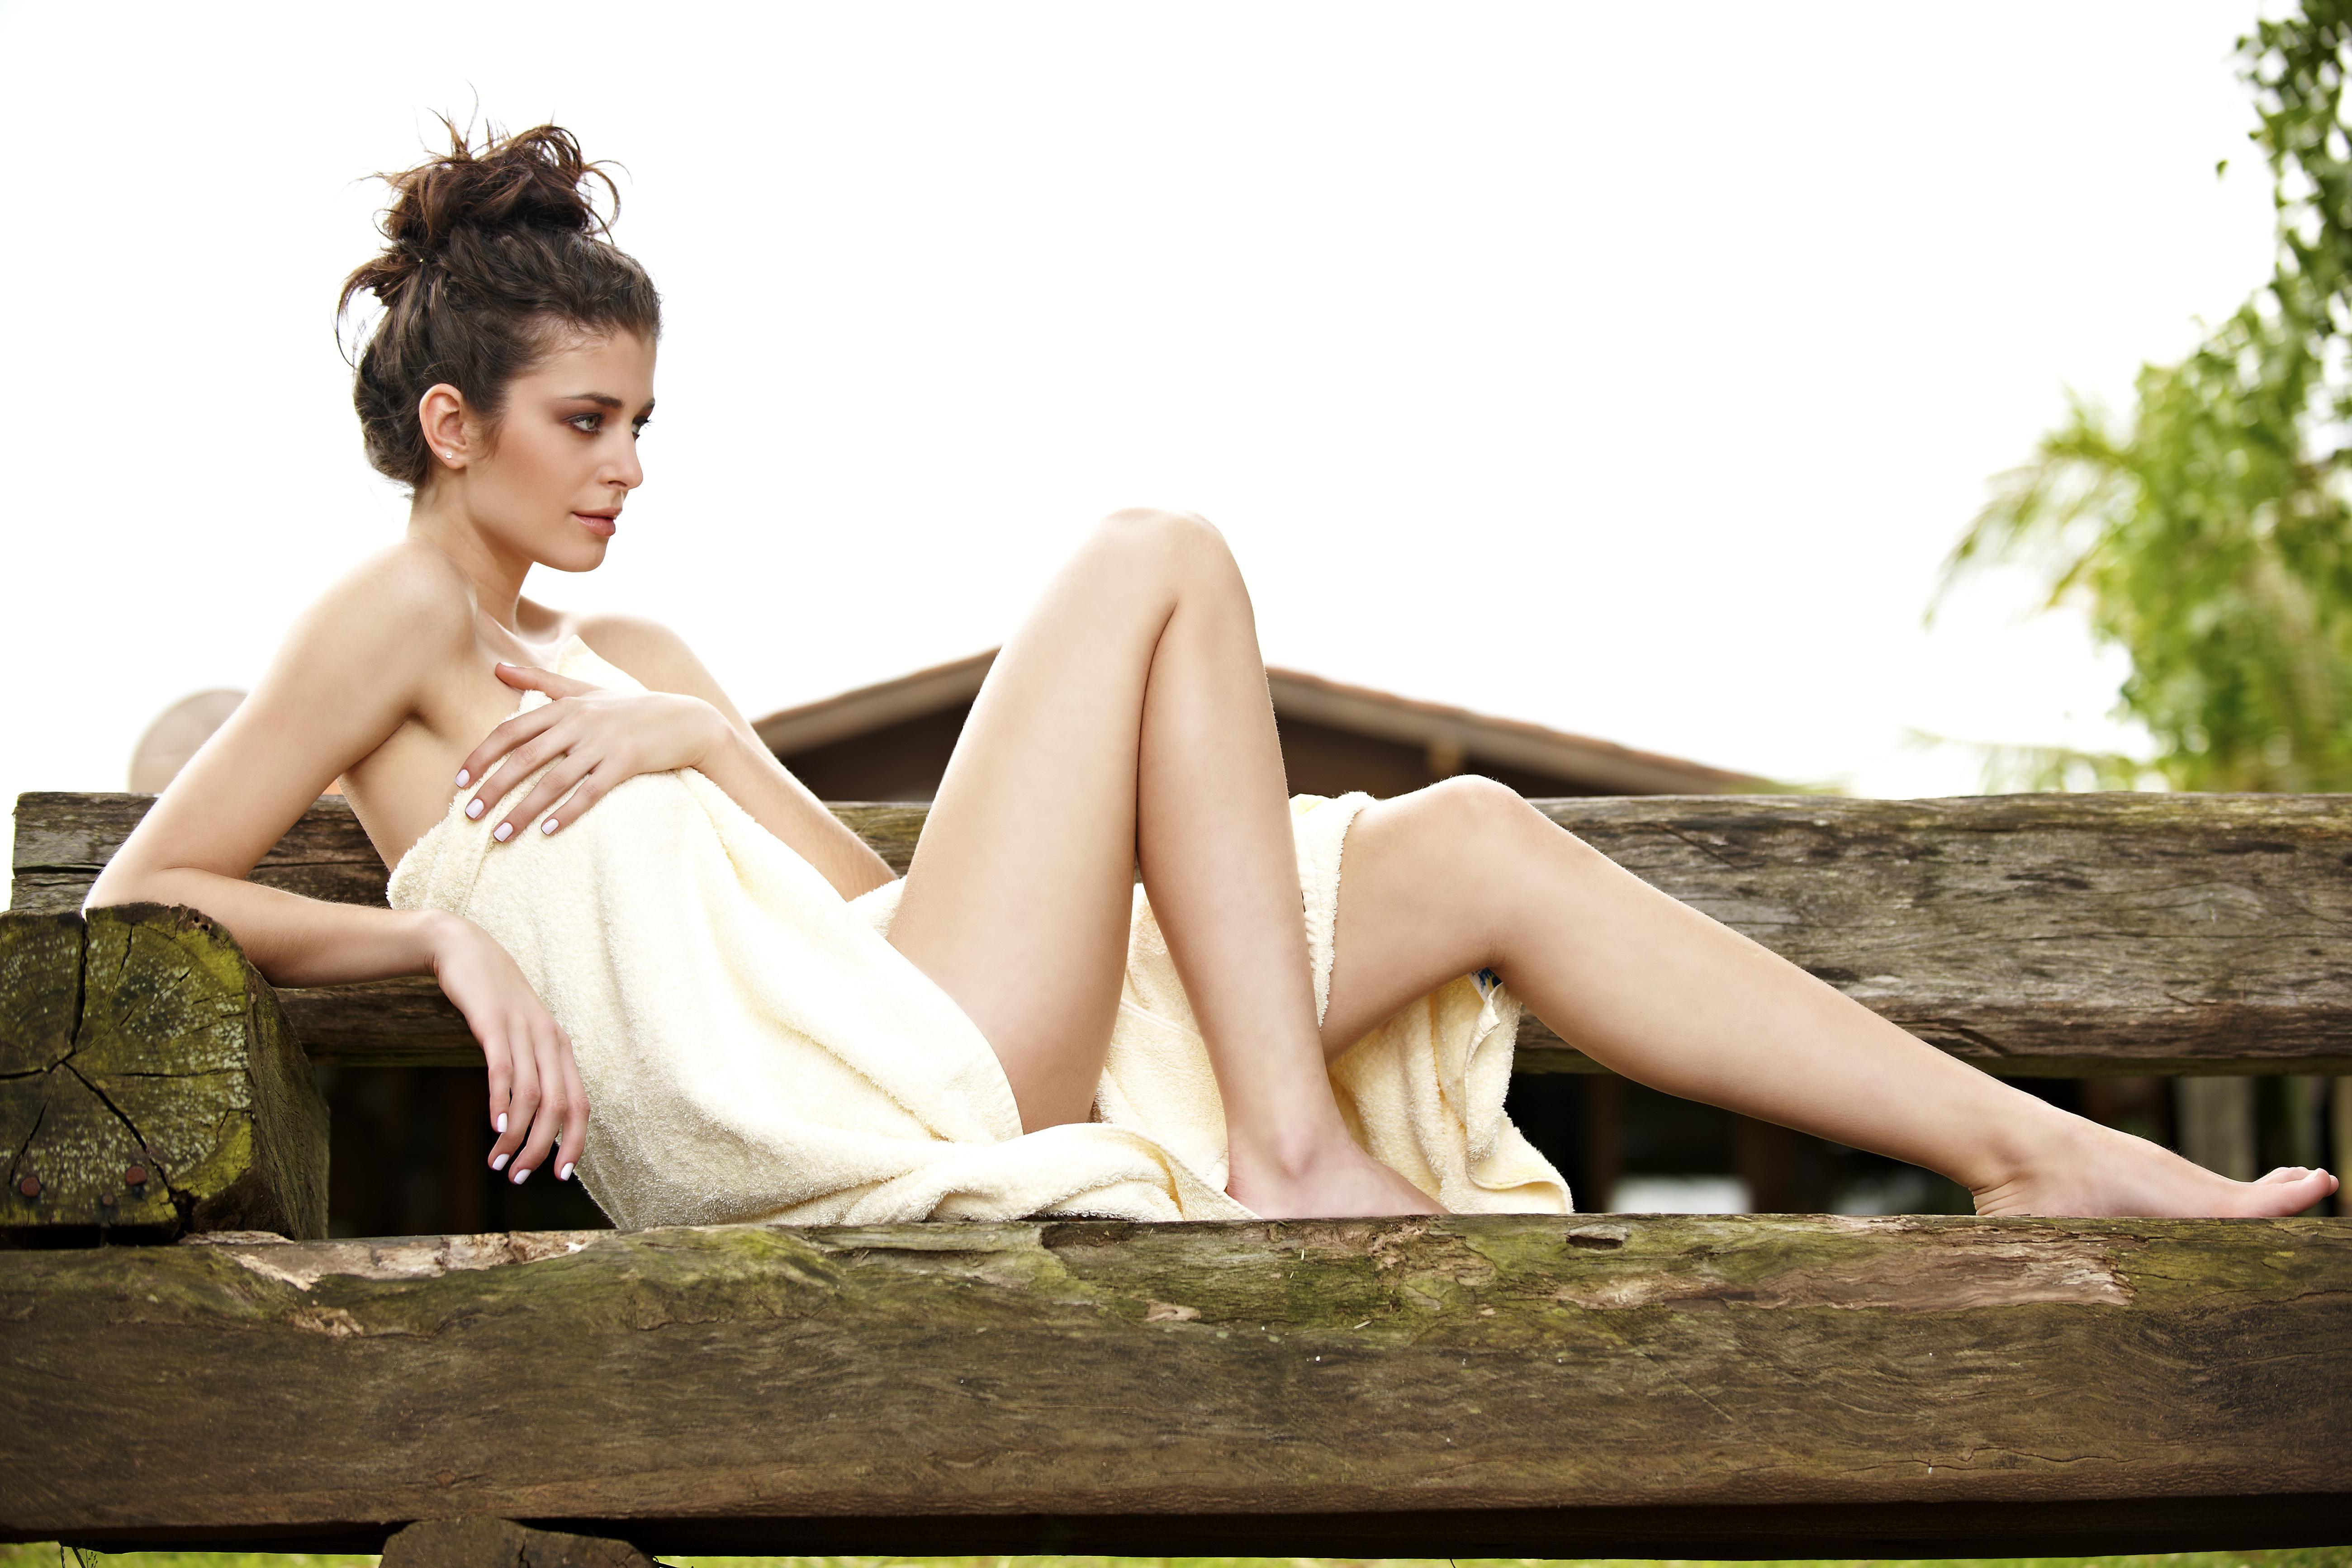 Hollywood bikini wax images